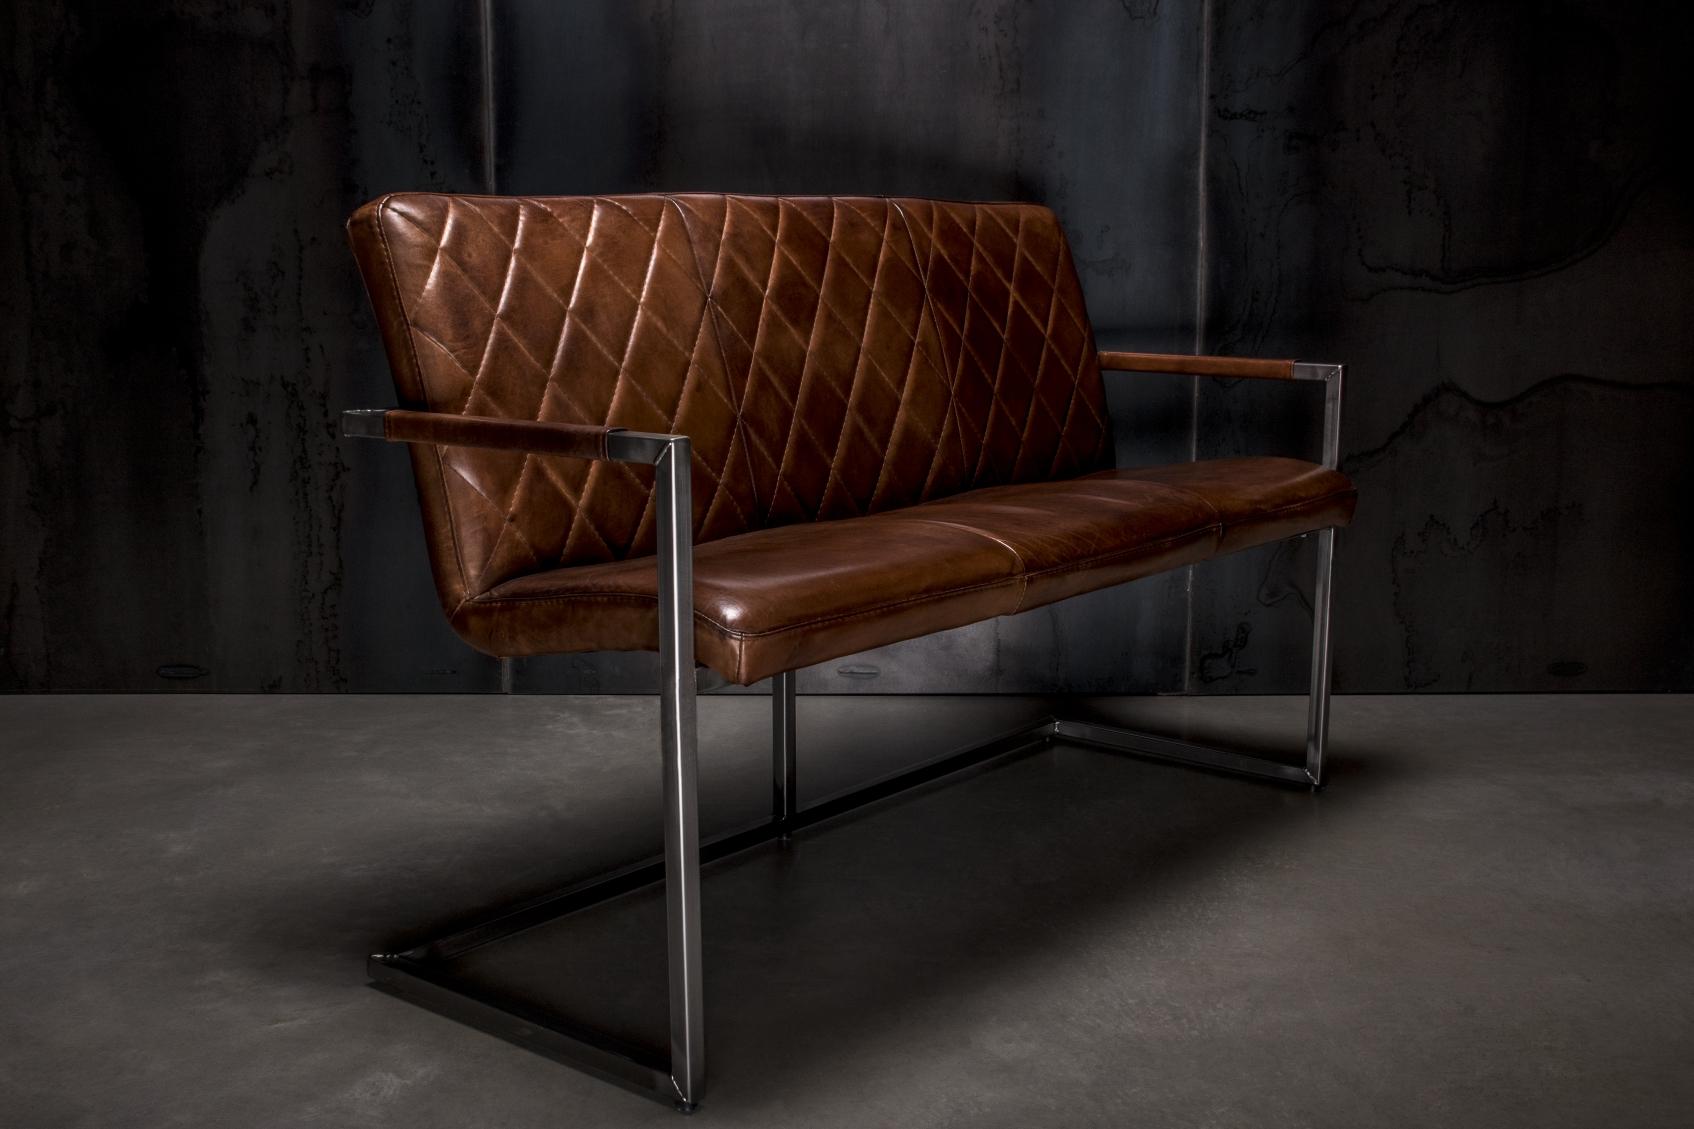 ihre sitzbank im vintage- oder industrial design in essen